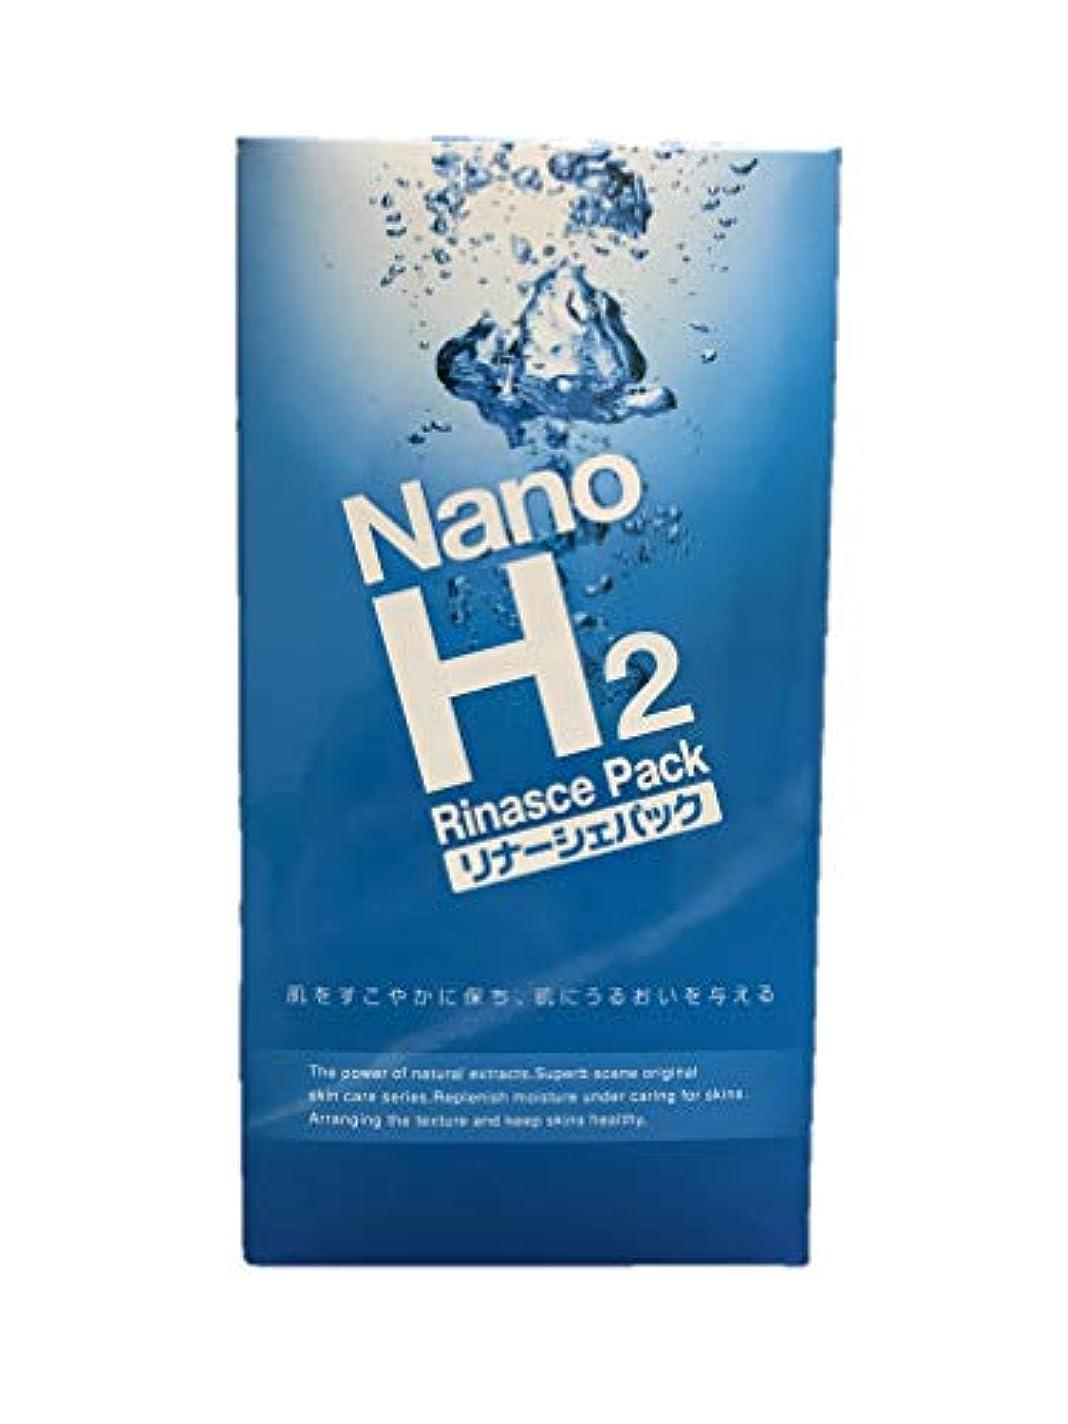 問い合わせるブランデー回答ナノ水素リナーシェ パック (美容液30mlx10袋、水素パウダー0.2gx10袋、シートマスクx10枚入り)